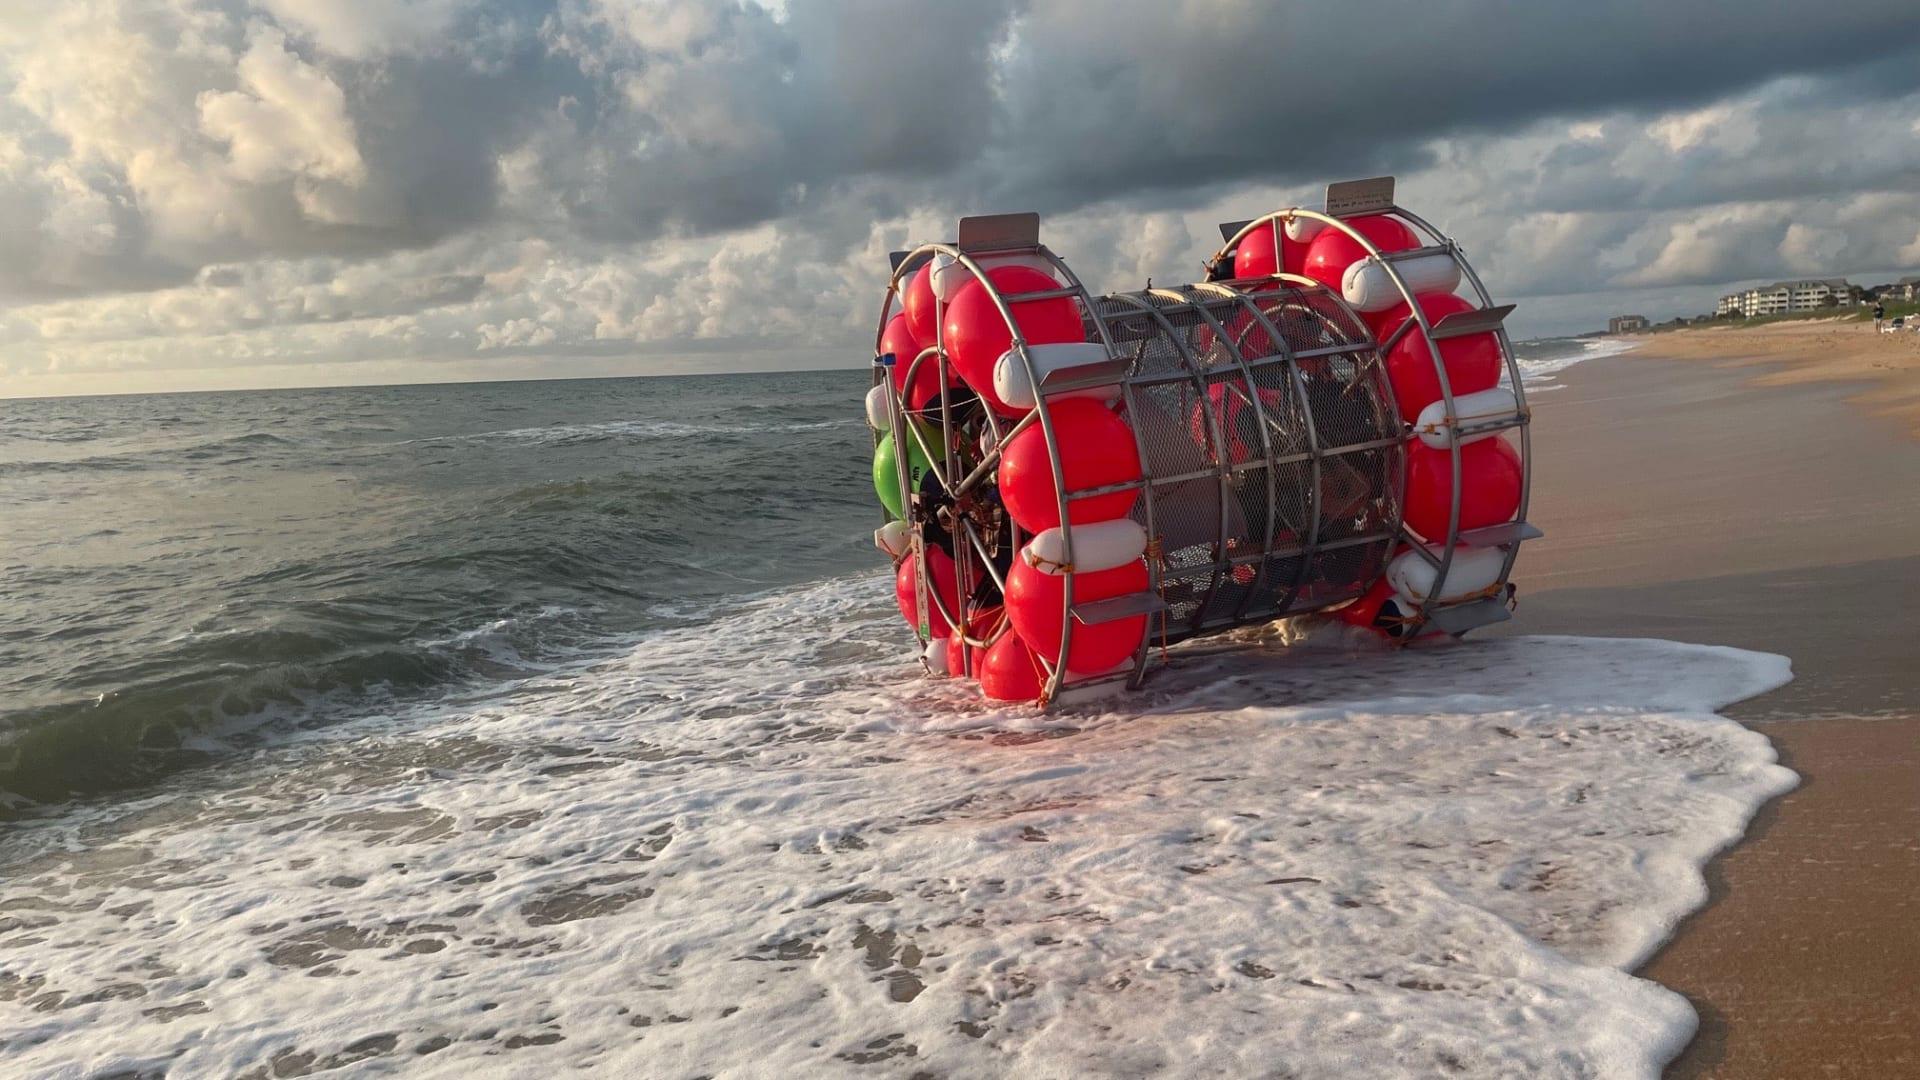 داخل مركبة تشبه عجلة الهامستر..مغامرة للسير على المياه إلى نيويرك تنتهى على شاطئ بفلوريدا